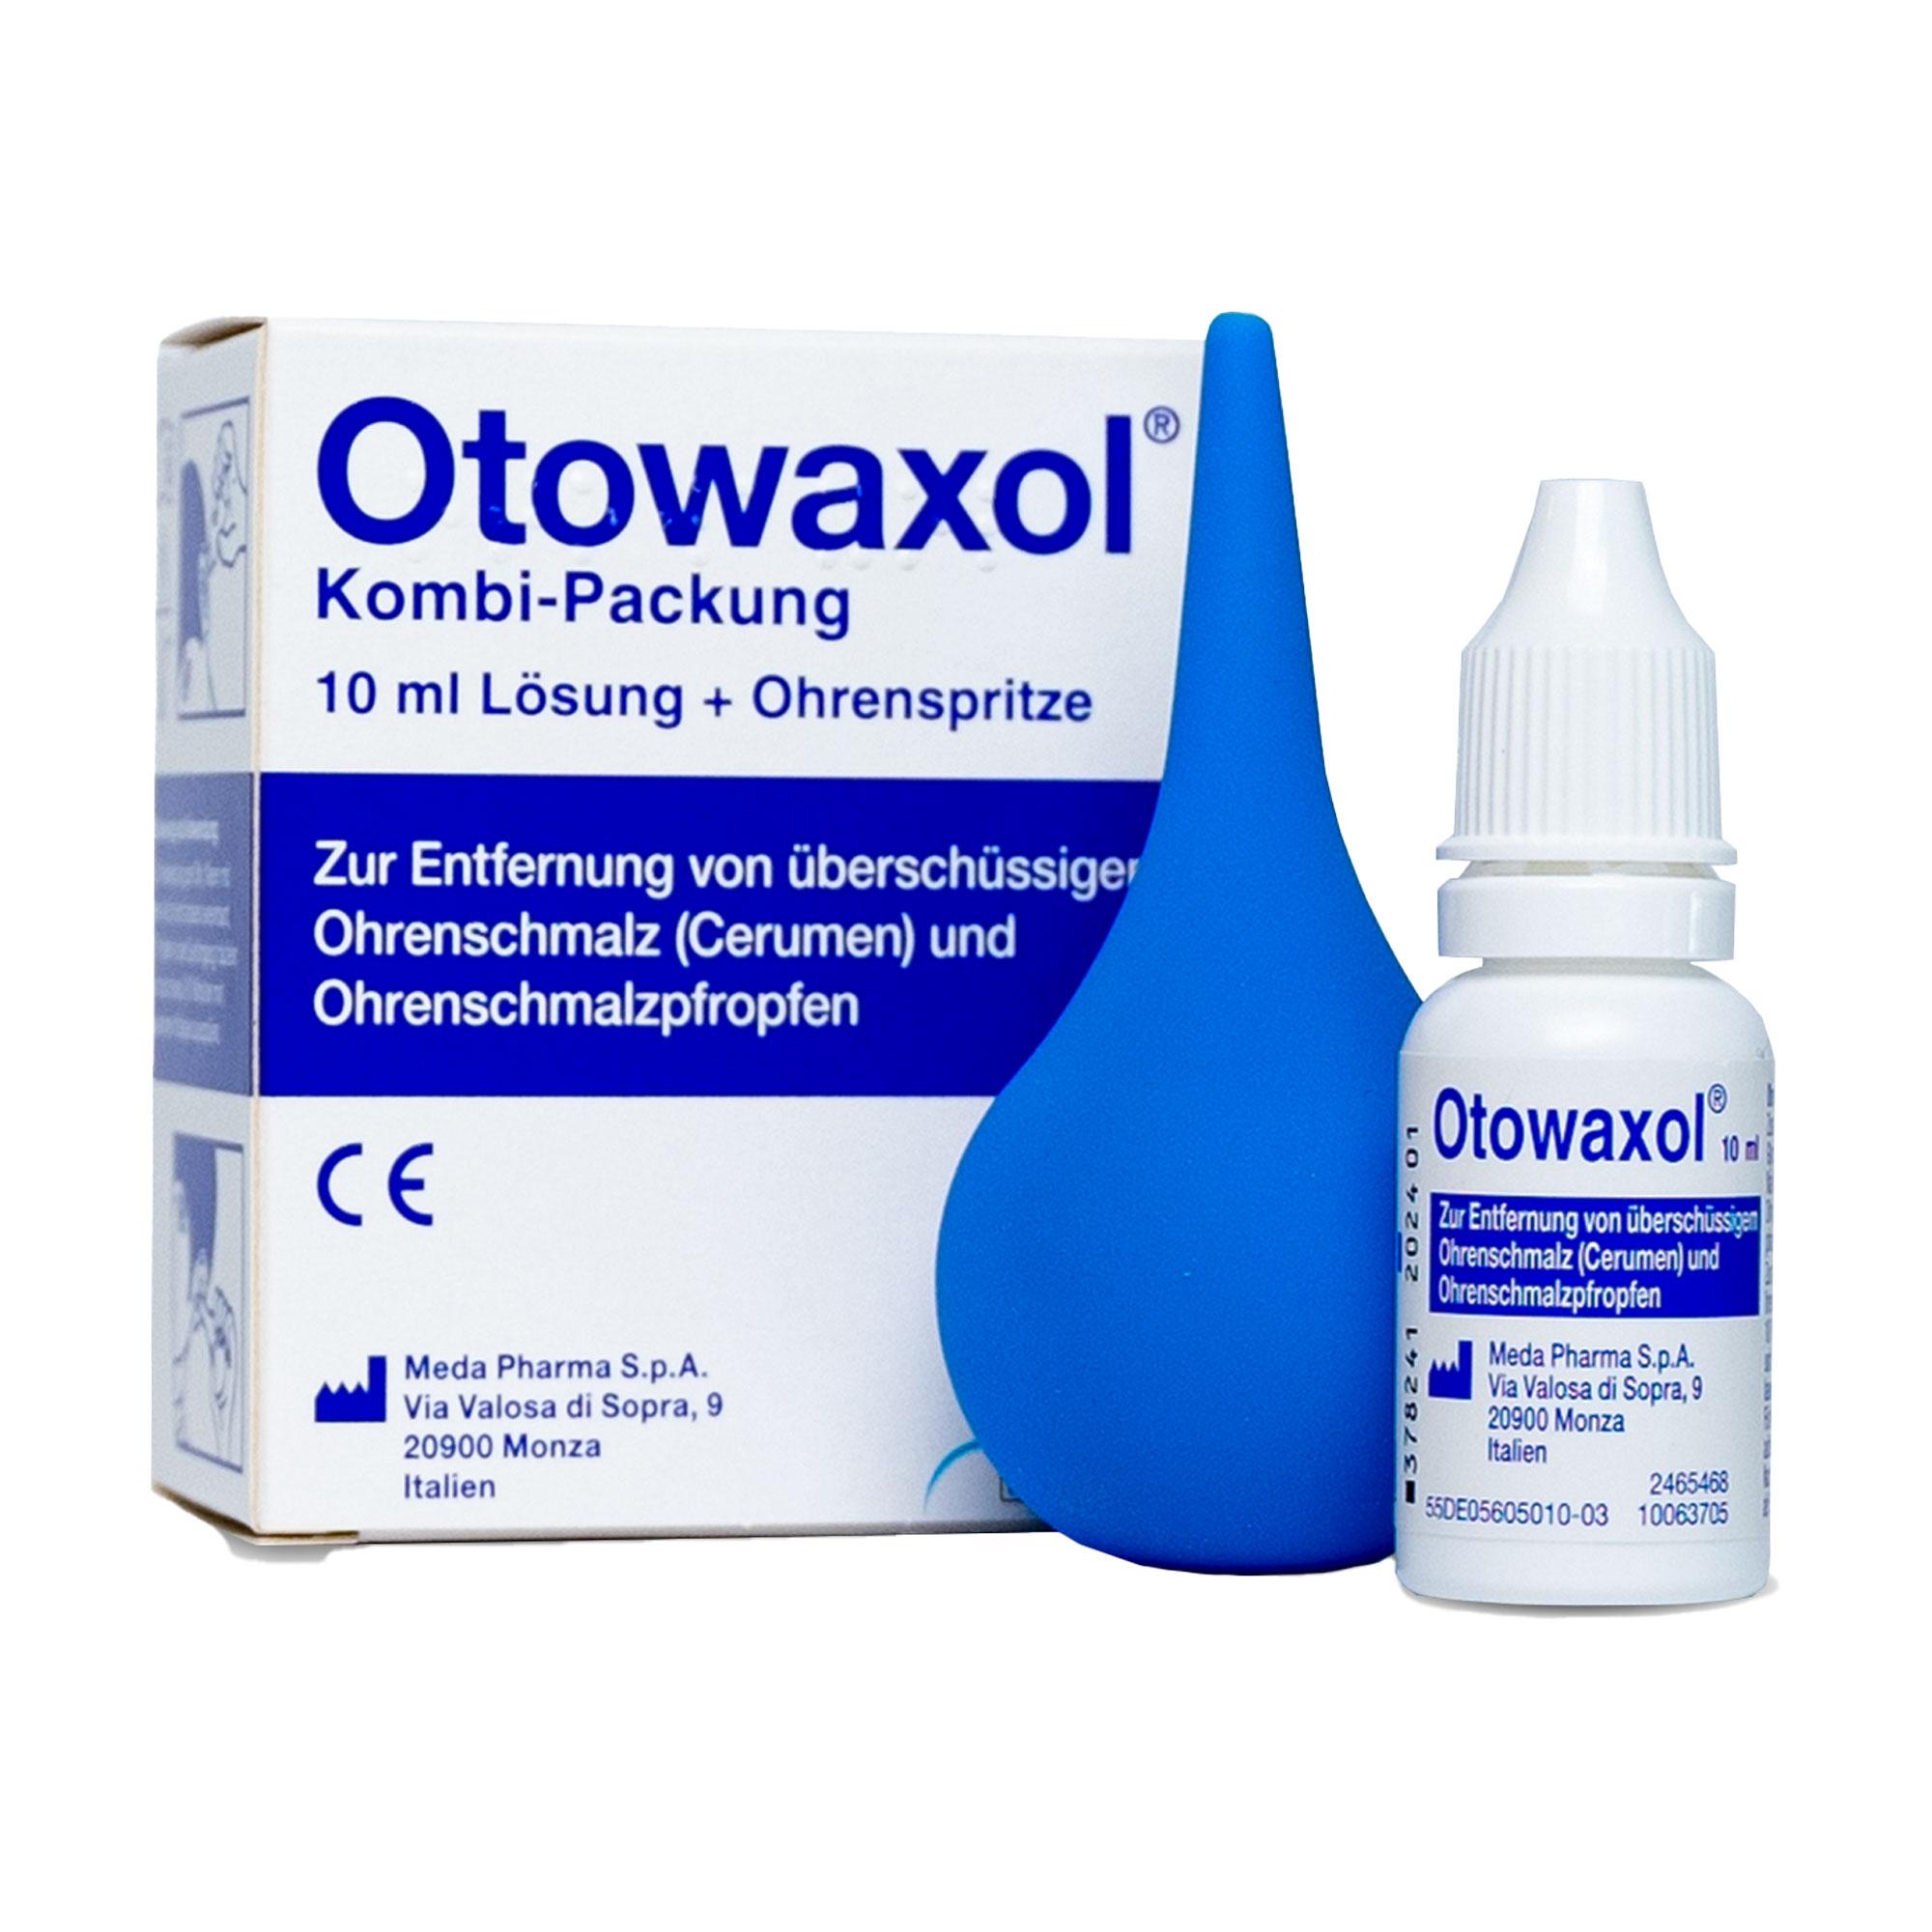 Otowaxol